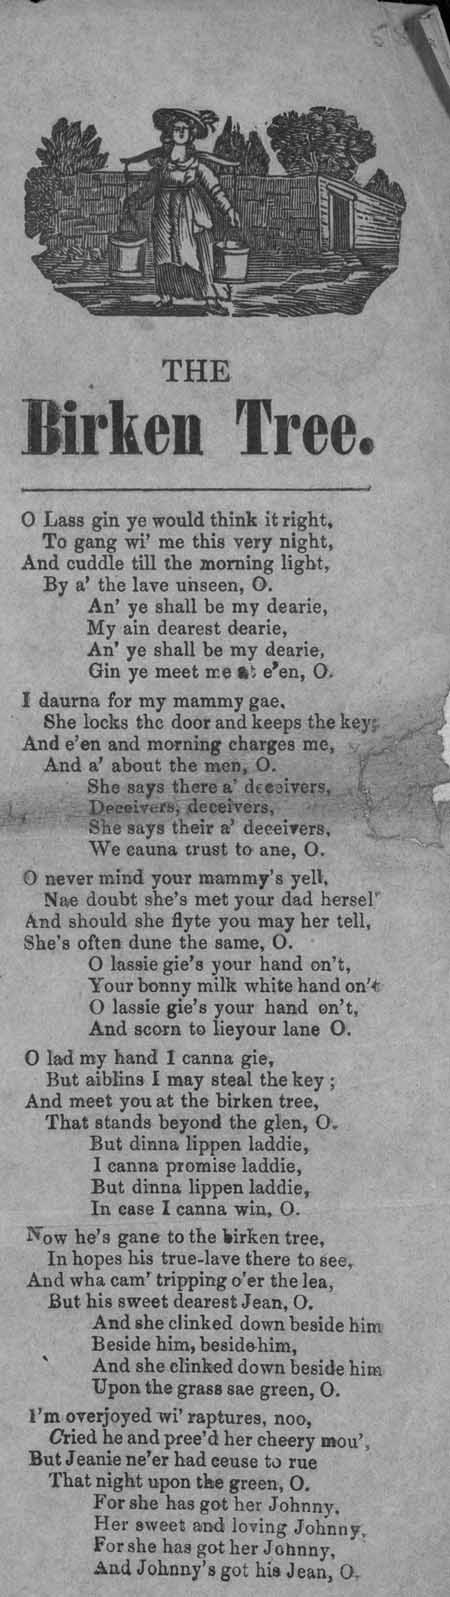 Broadside ballad entitled 'The Birken Tree'